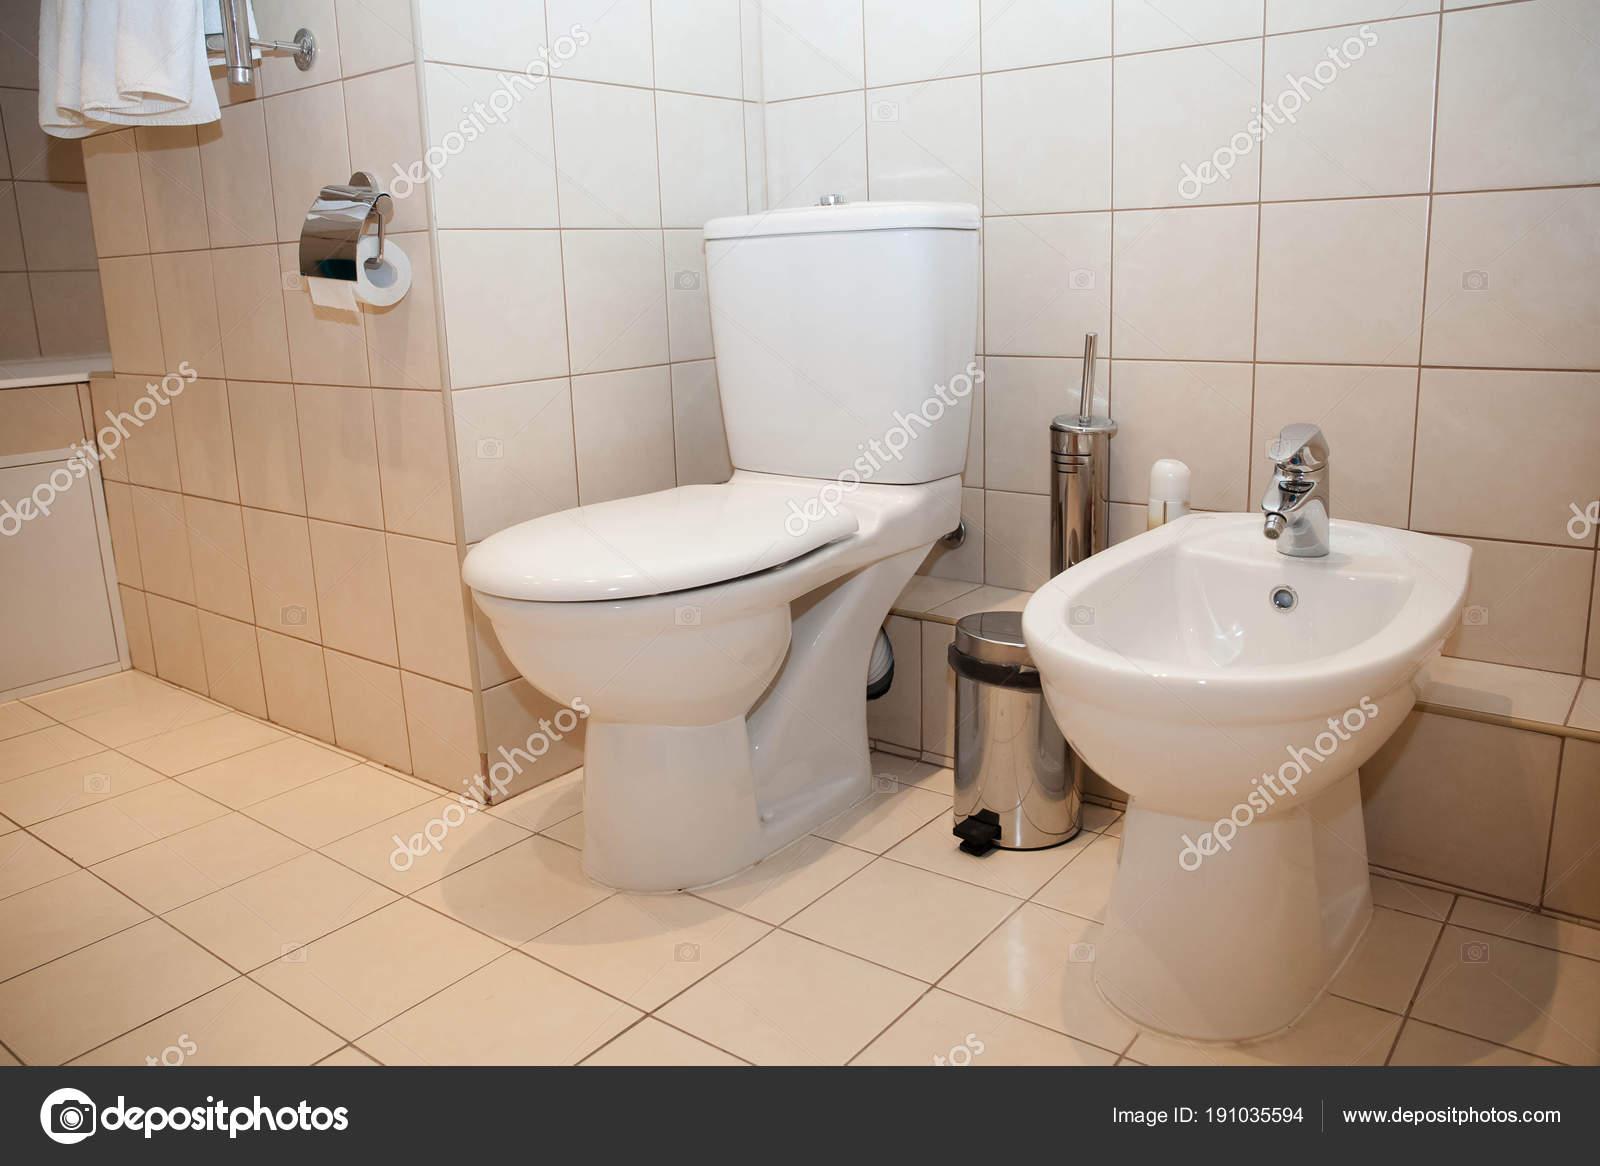 Cuarto Baño Cabina Ducha Aseo Cuarto Baño Plomería Fregadero ...